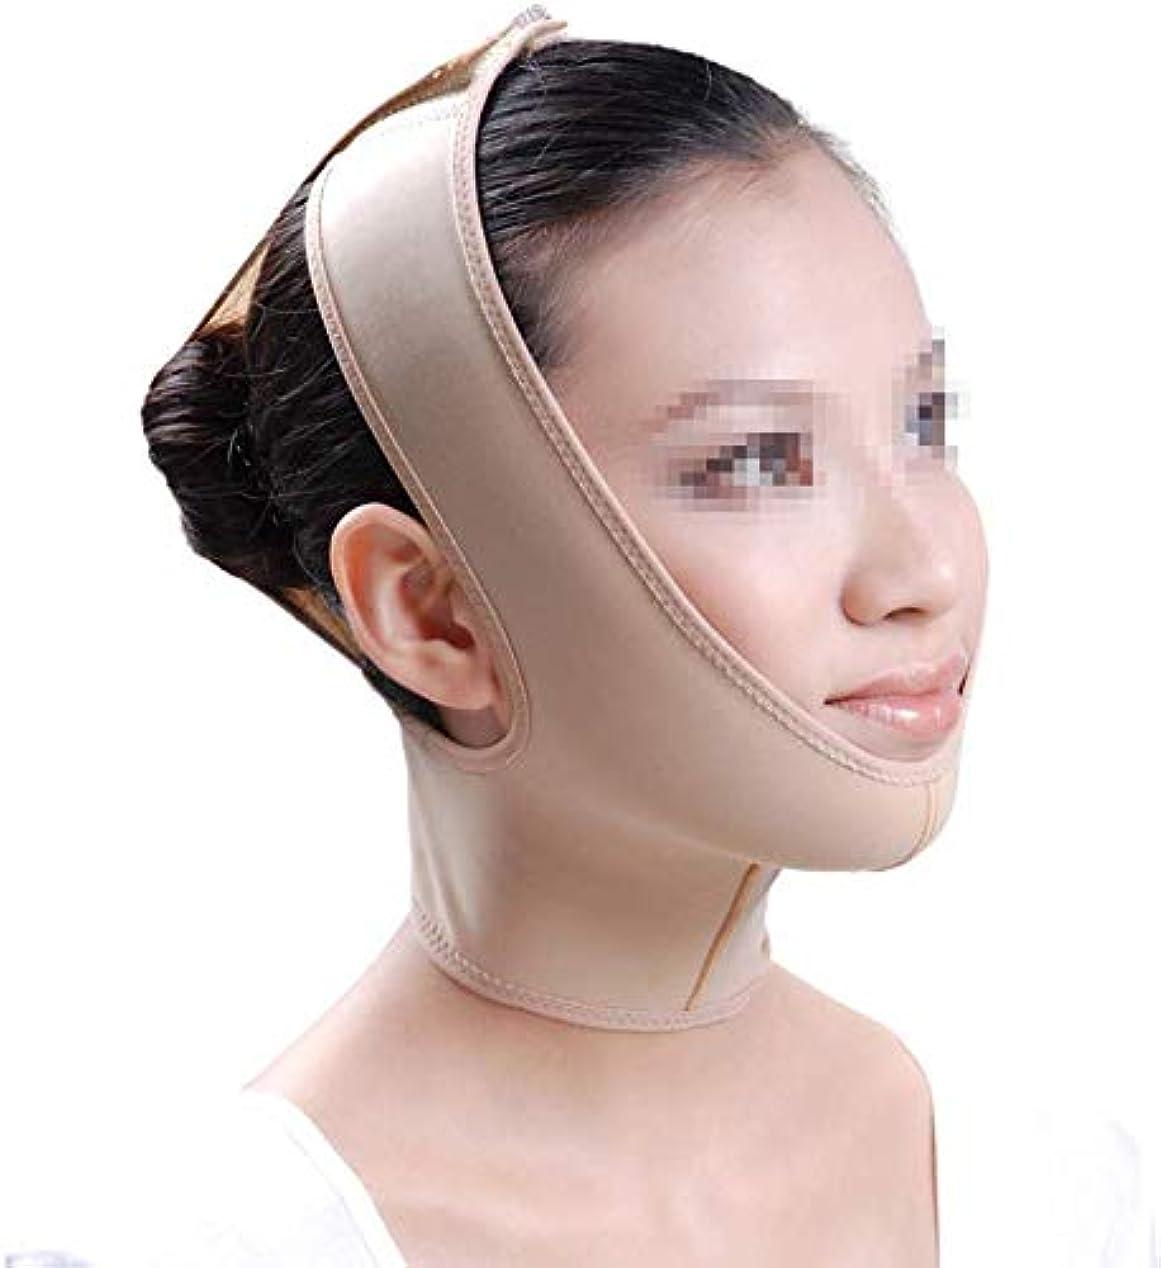 ハリケーン戻すあなたが良くなりますSlim身Vフェイスマスク、フェイスリフトマスク、顎首スリーブ首二重あご顔医療脂肪吸引手術傷フェイスマスクヘッド弾性スリーブ(サイズ:L)